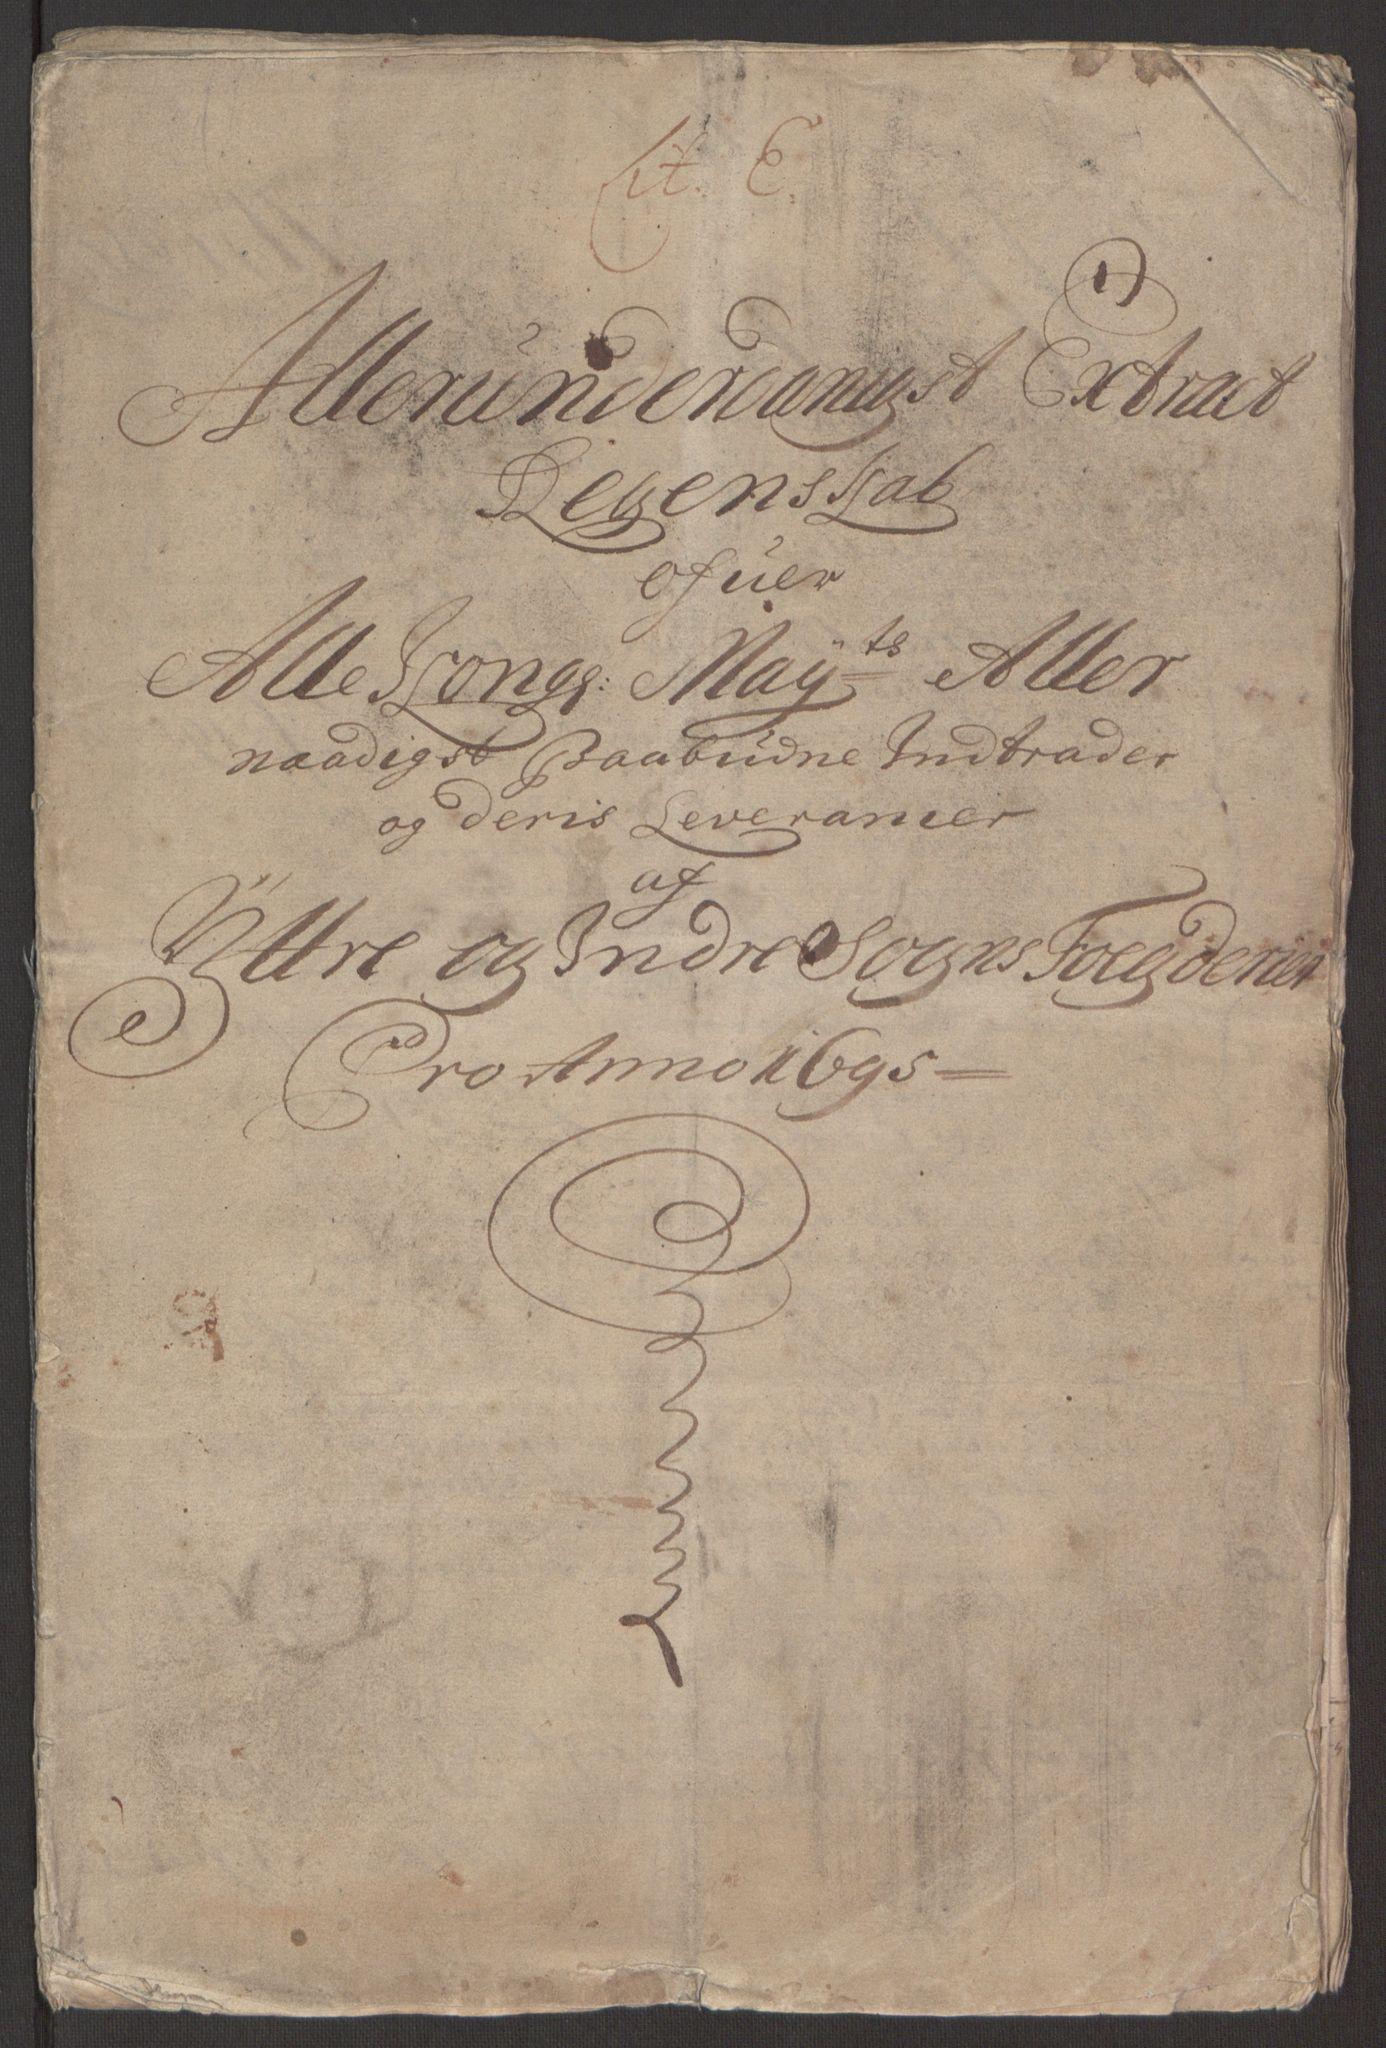 RA, Rentekammeret inntil 1814, Reviderte regnskaper, Fogderegnskap, R52/L3308: Fogderegnskap Sogn, 1695, s. 4